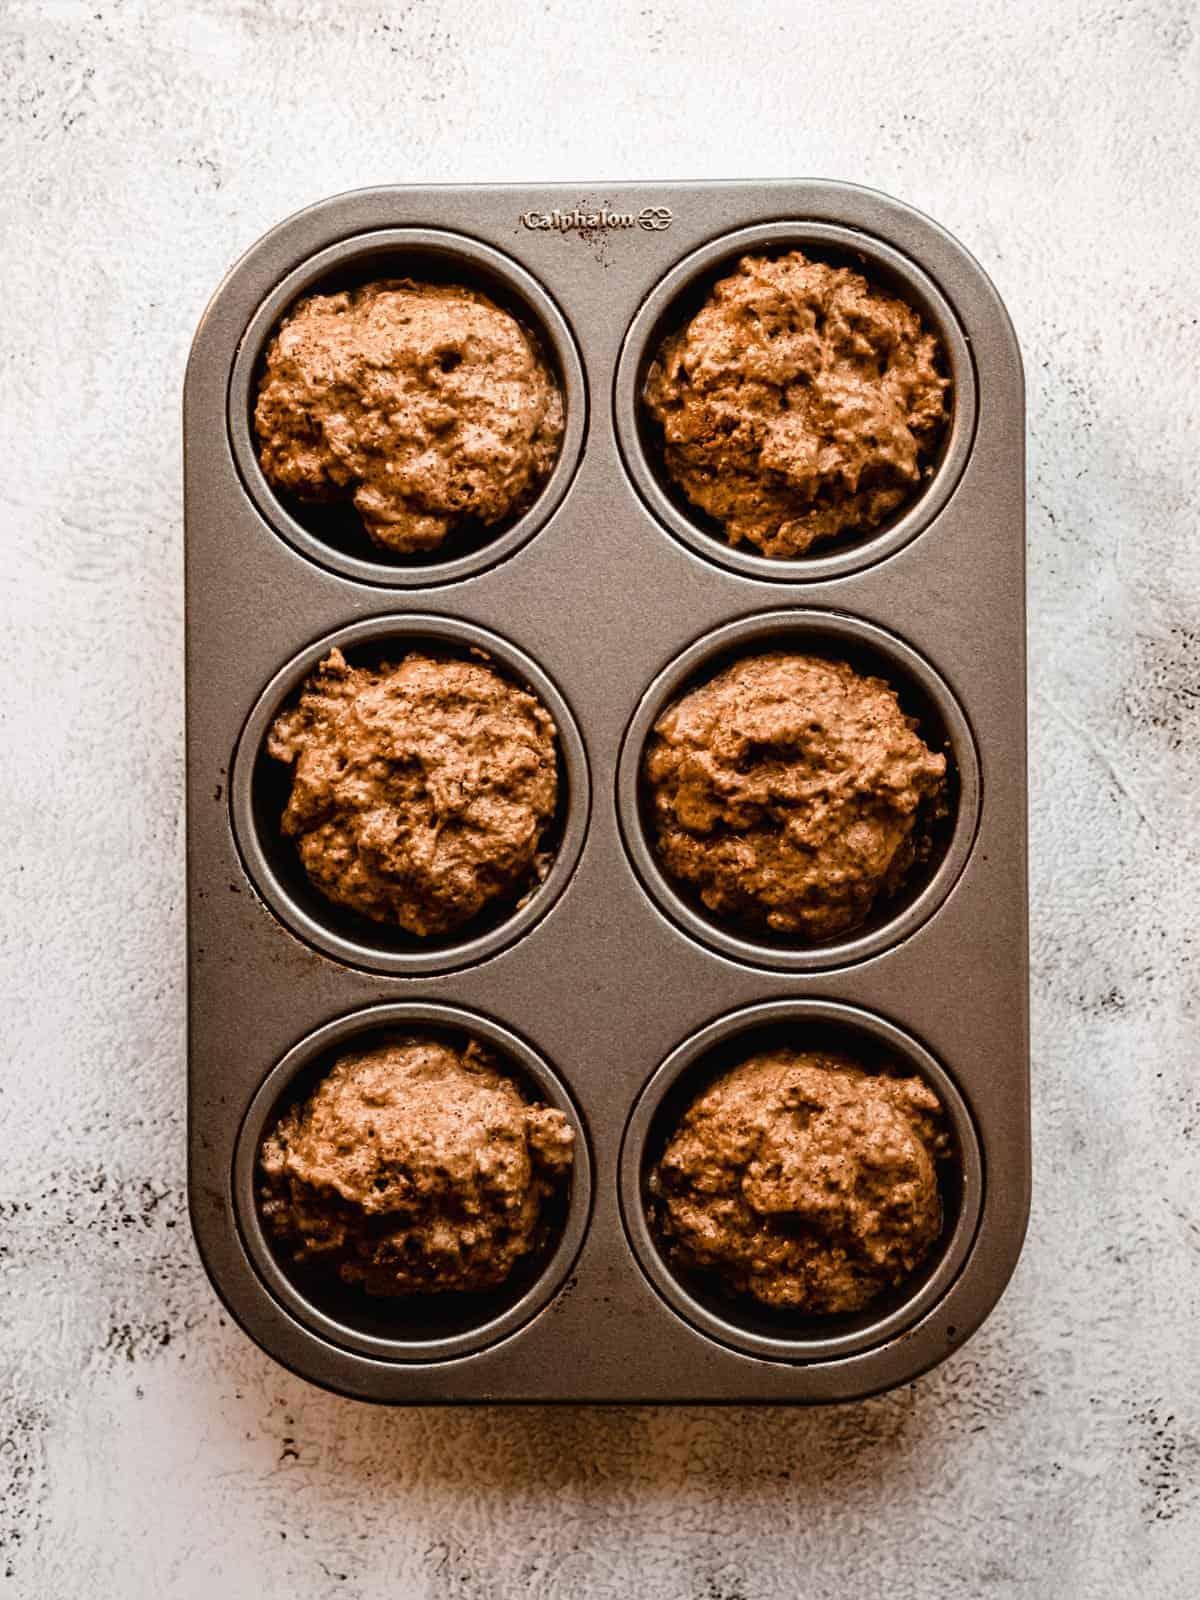 whole wheat kombucha muffin batter ready to be baked